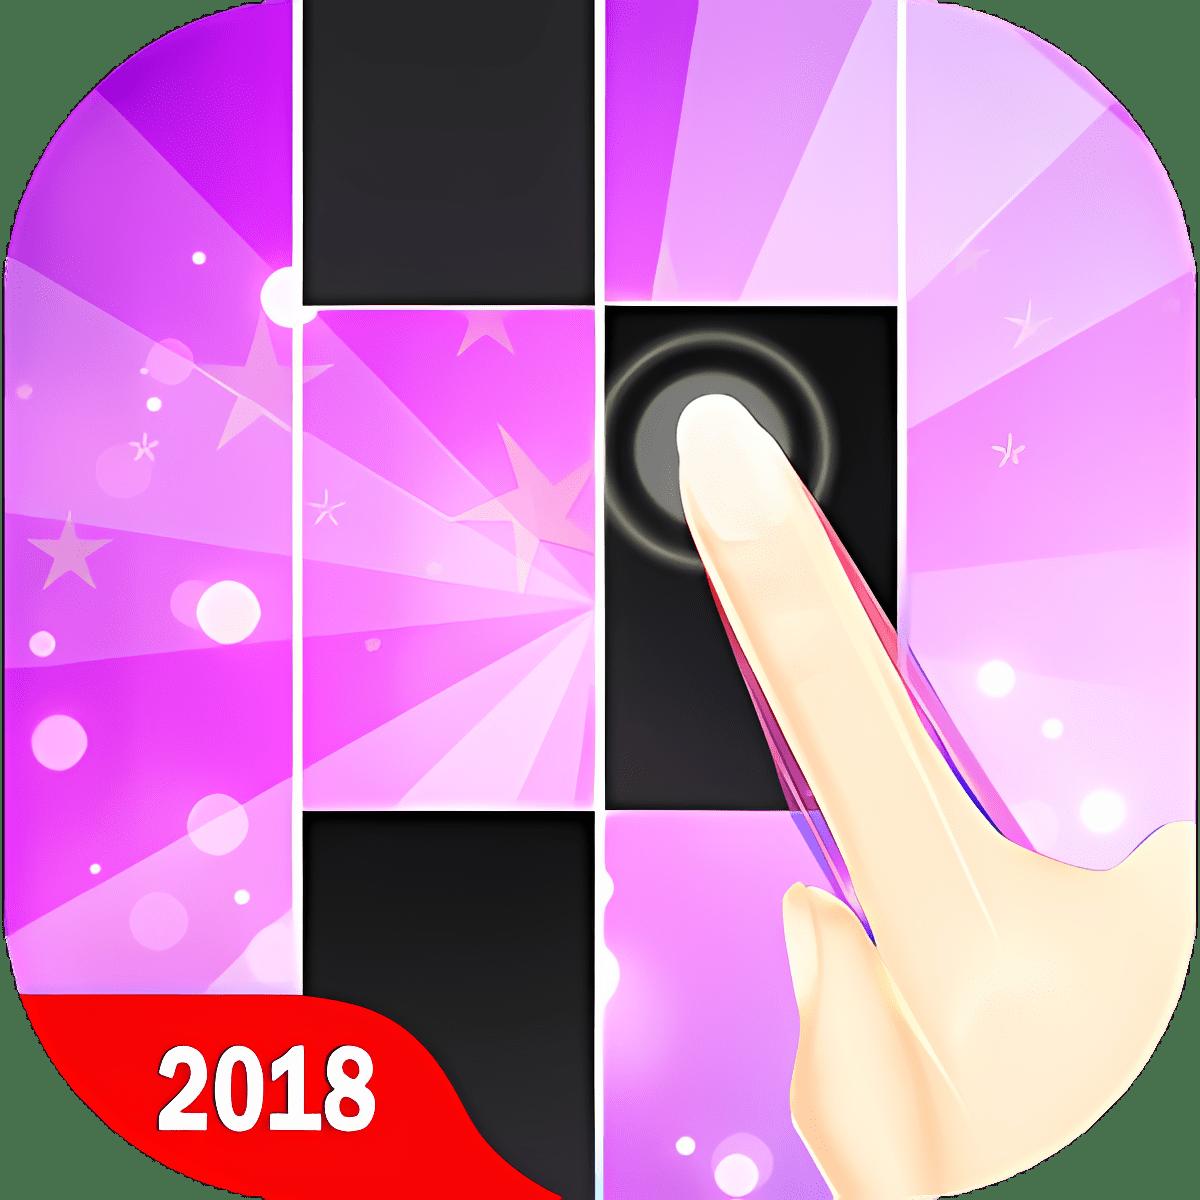 Piano Tiles 2018